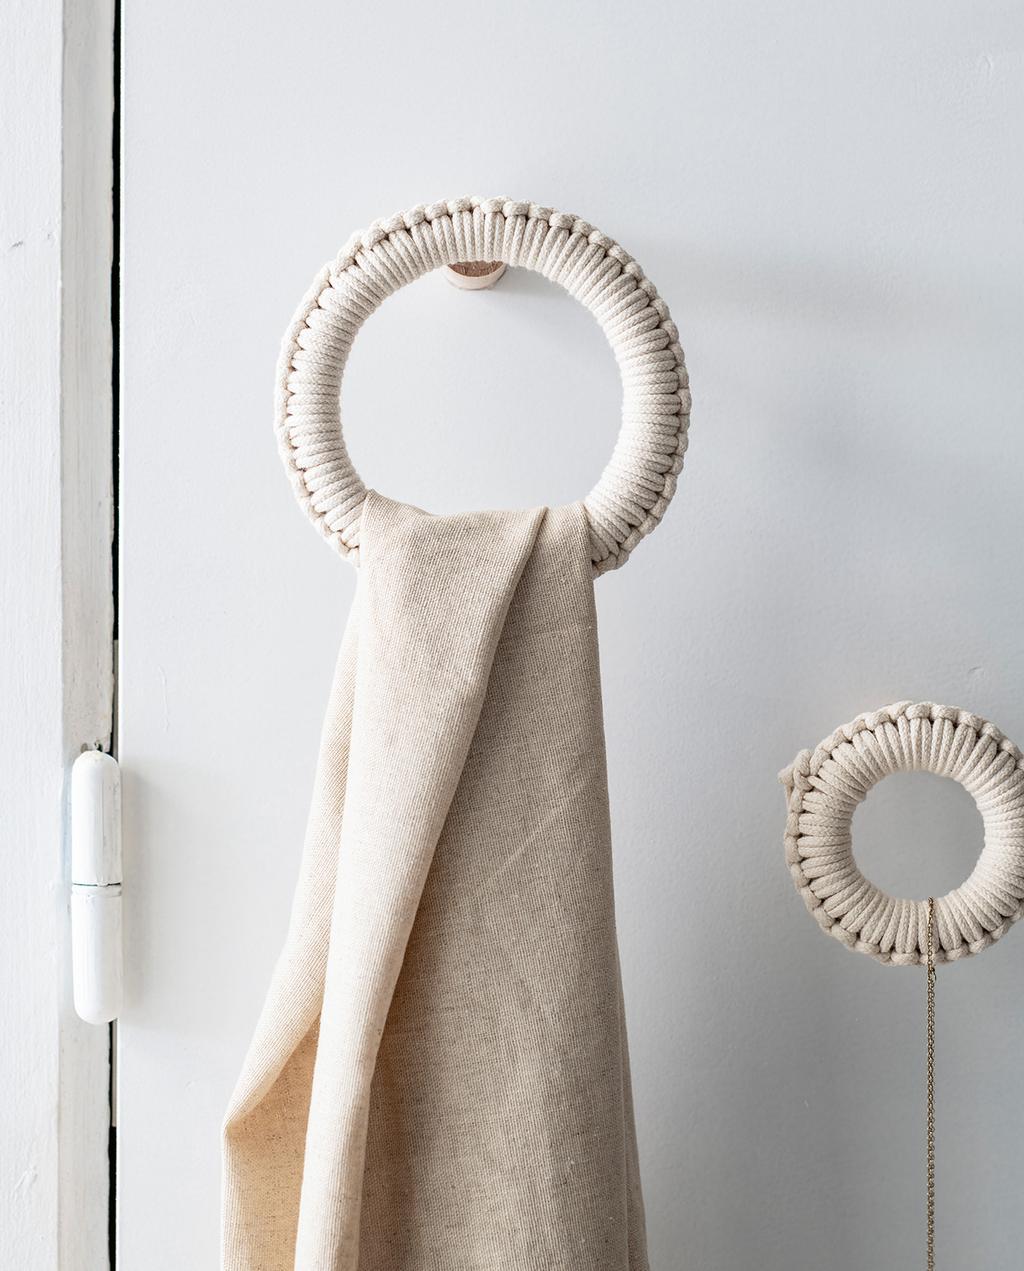 vtwonen 05-2021 | wandhaak met kleed aan de muur